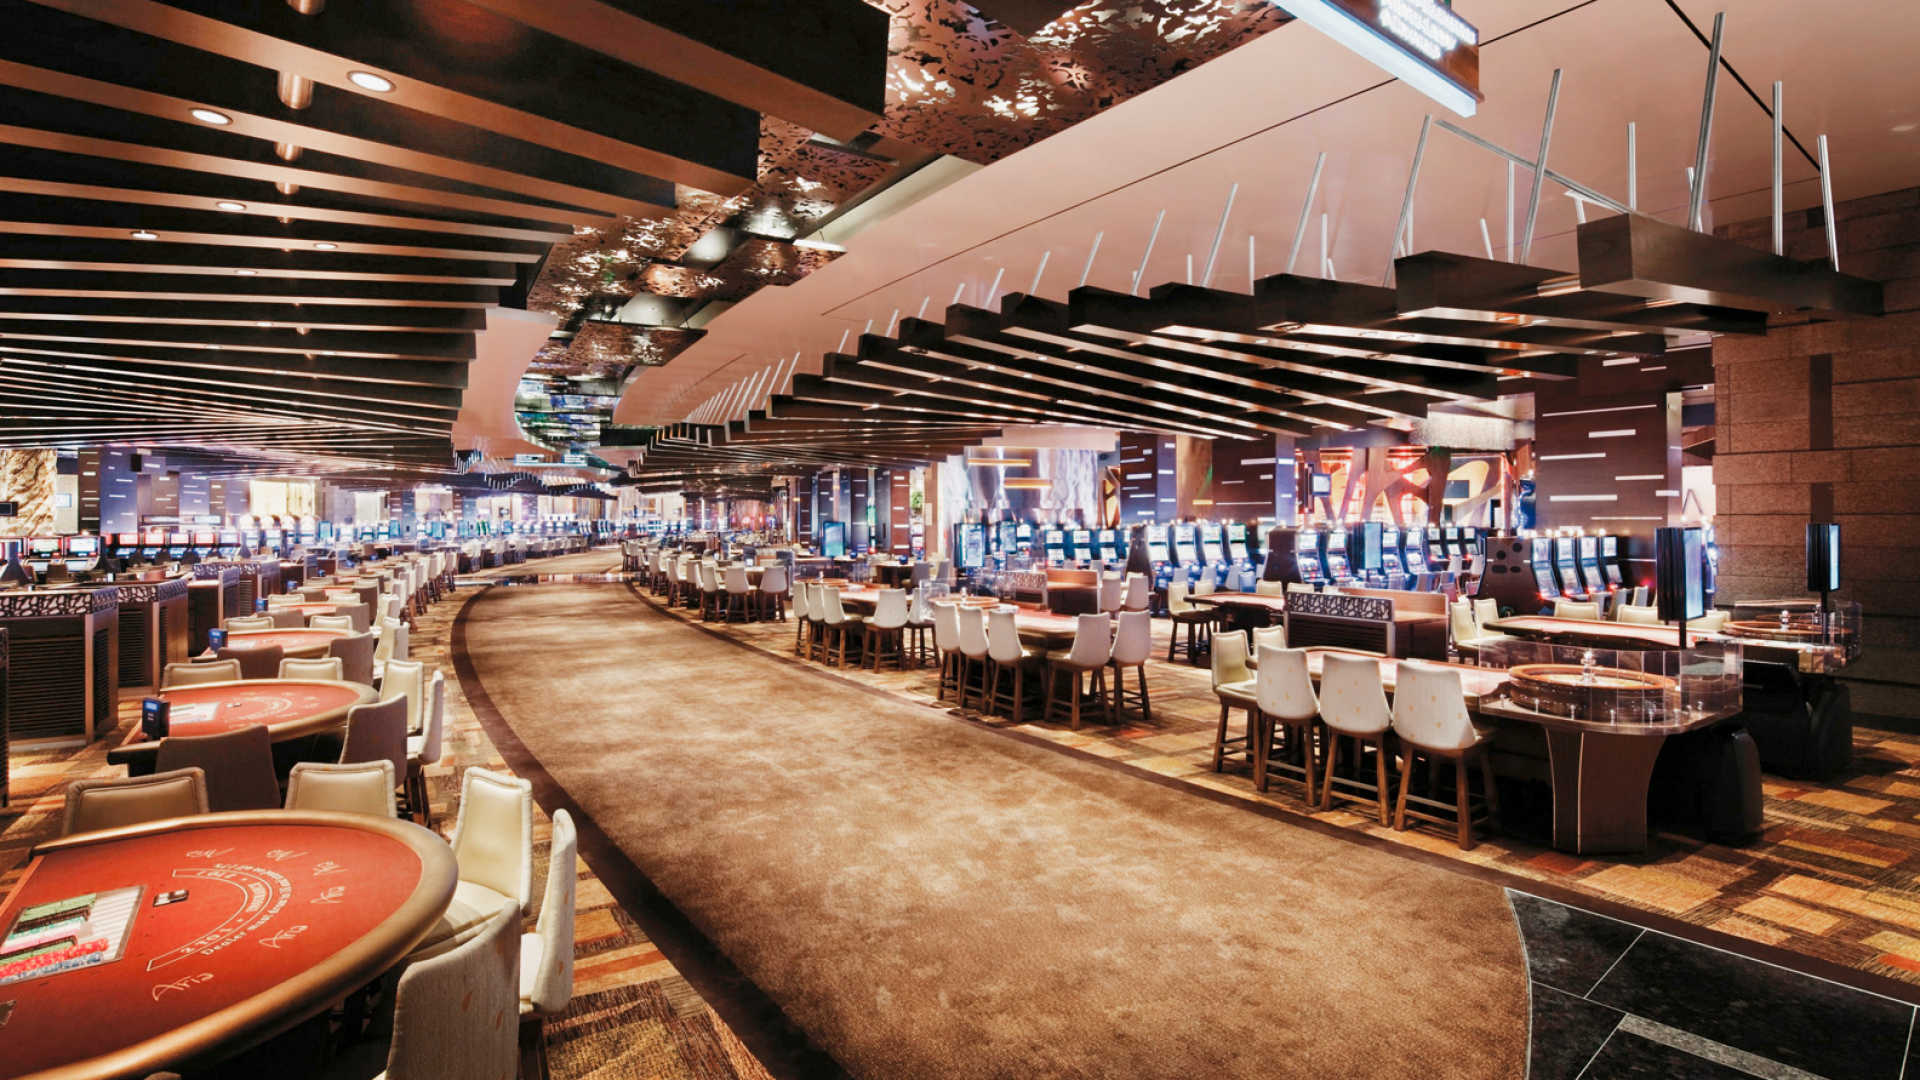 Aria казино автоматы для интернет казино